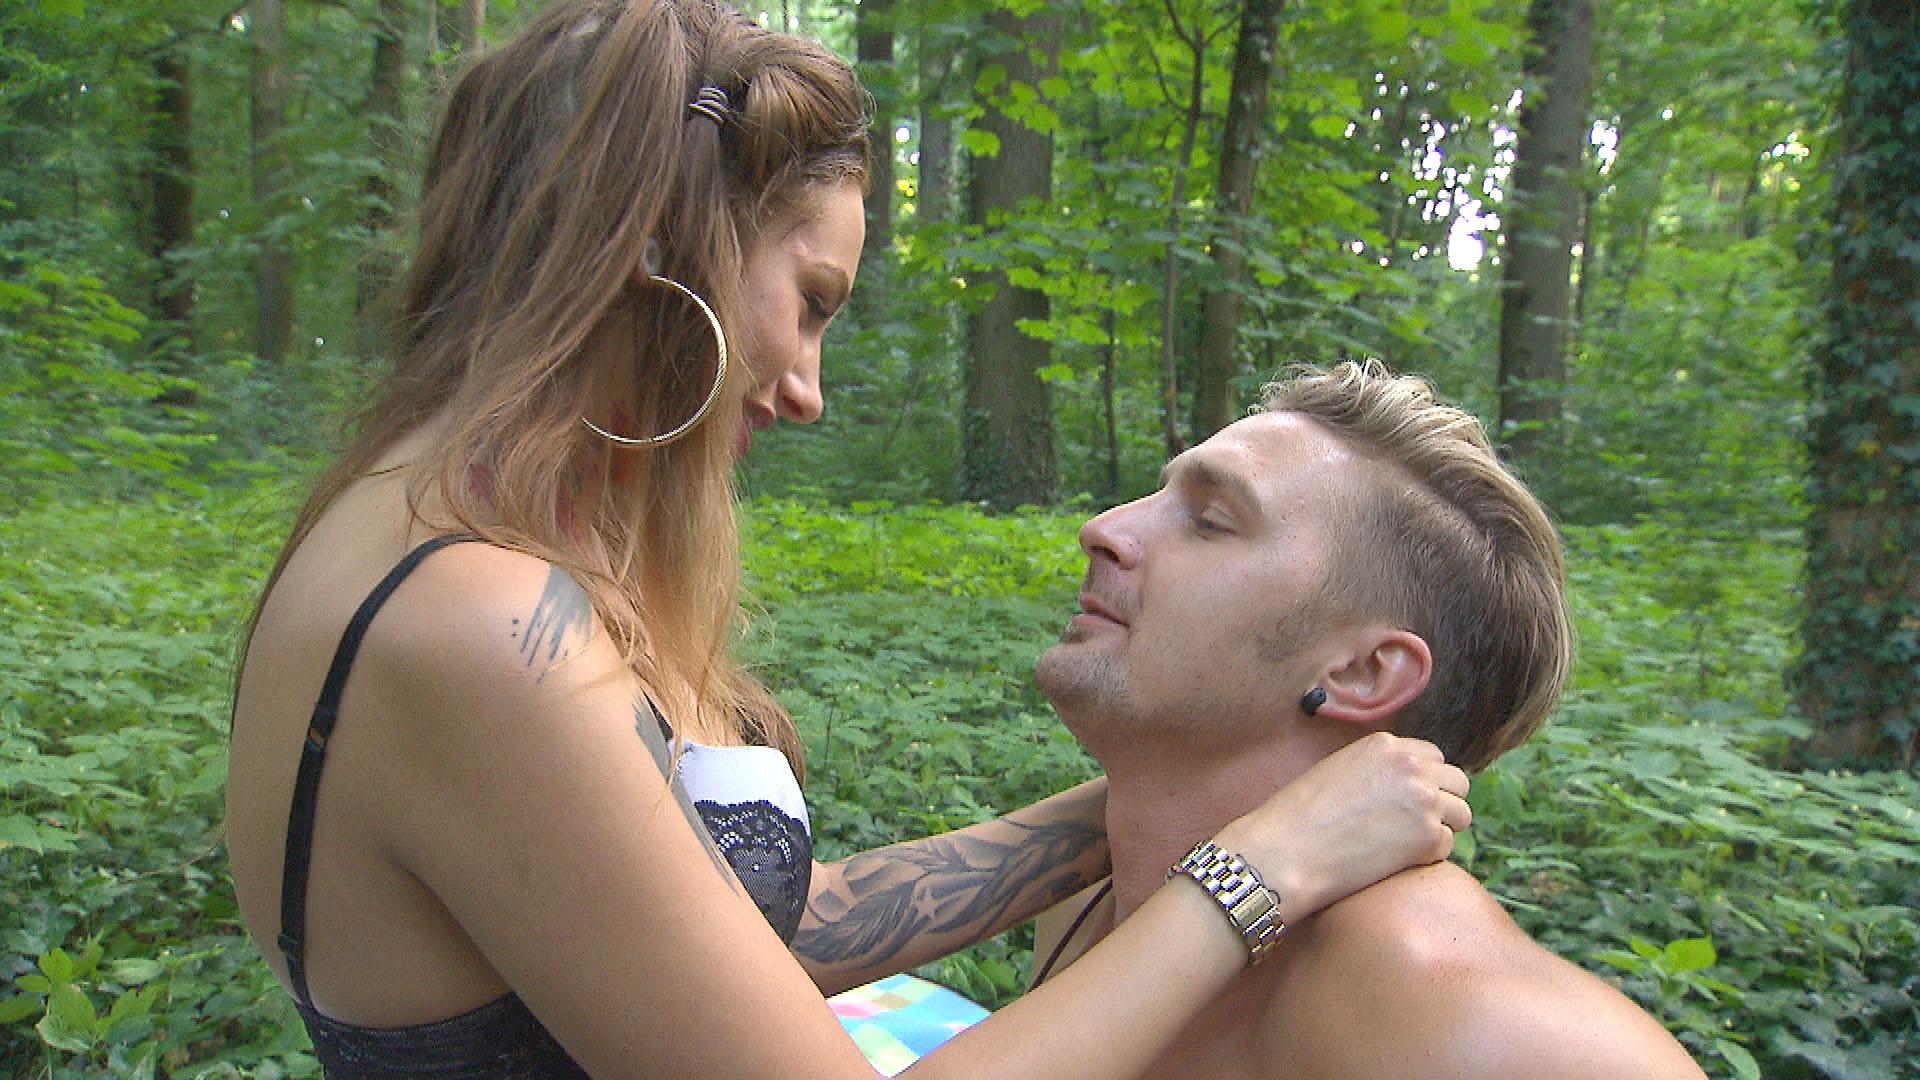 Leon,re. bereut, was mit (Nina) passiert ist und will sich jetzt ganz auf Milla,li. und seine Beziehung konzentrieren. (Quelle: RTL 2)